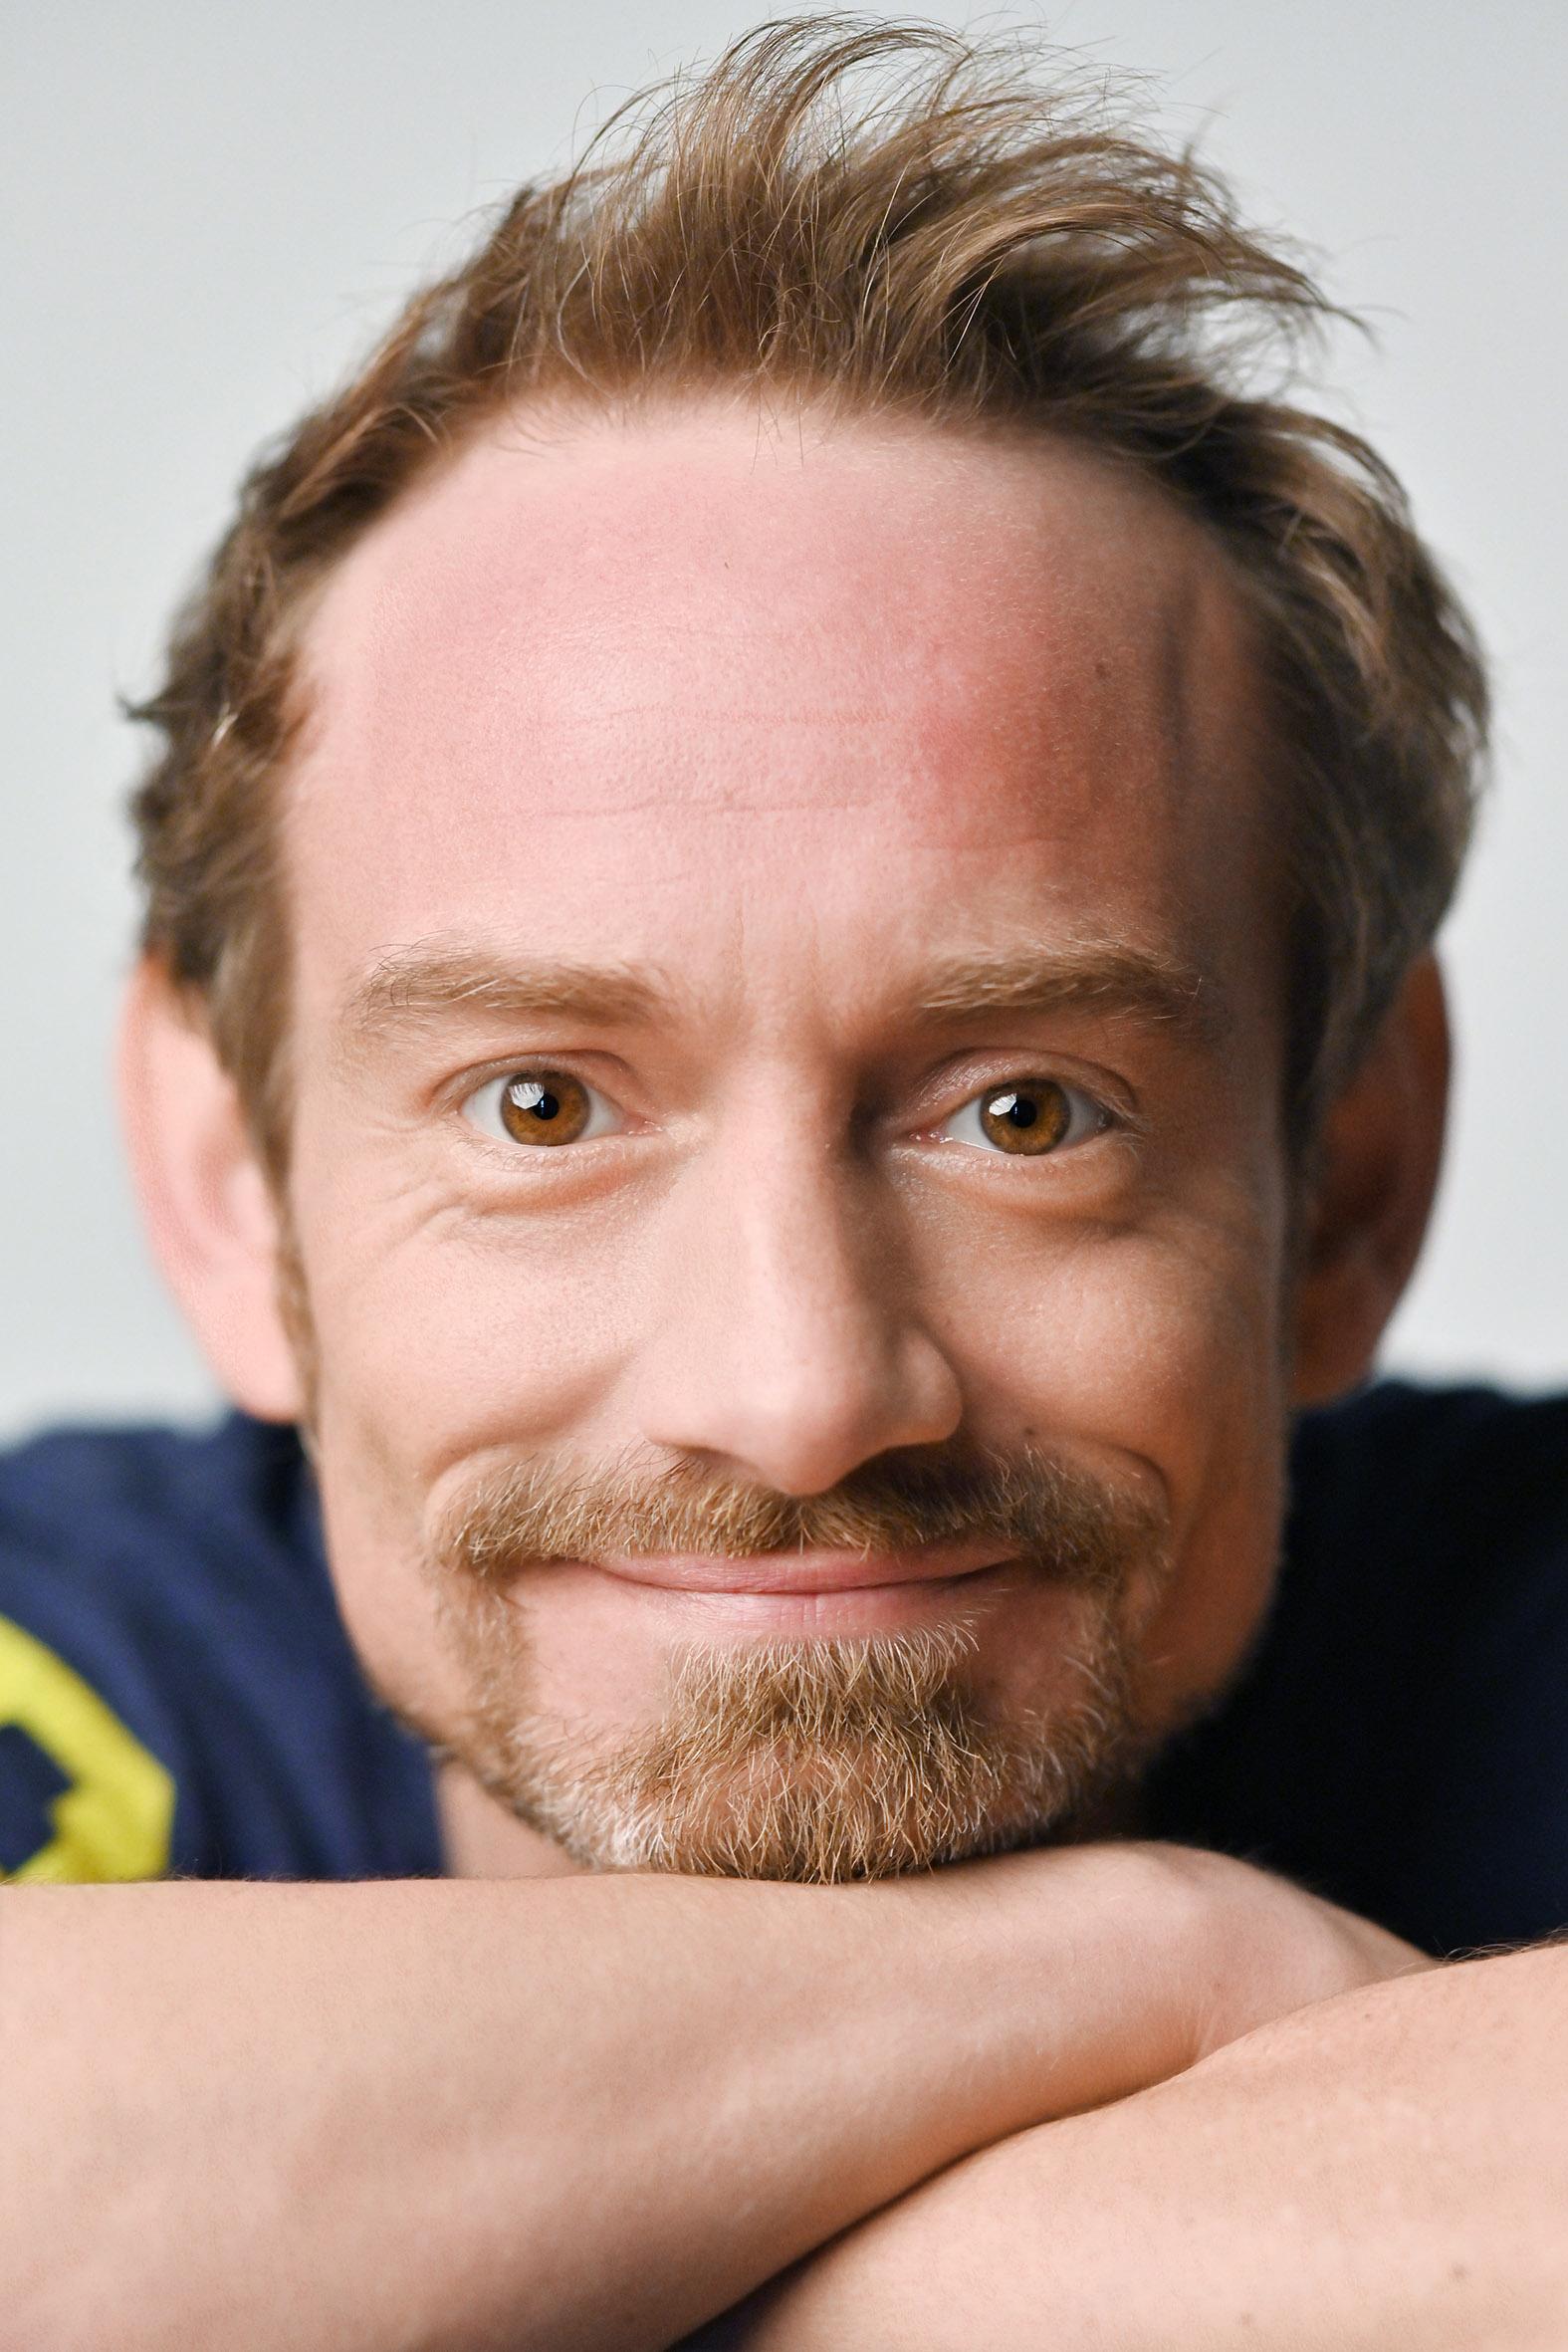 Markus Kloster